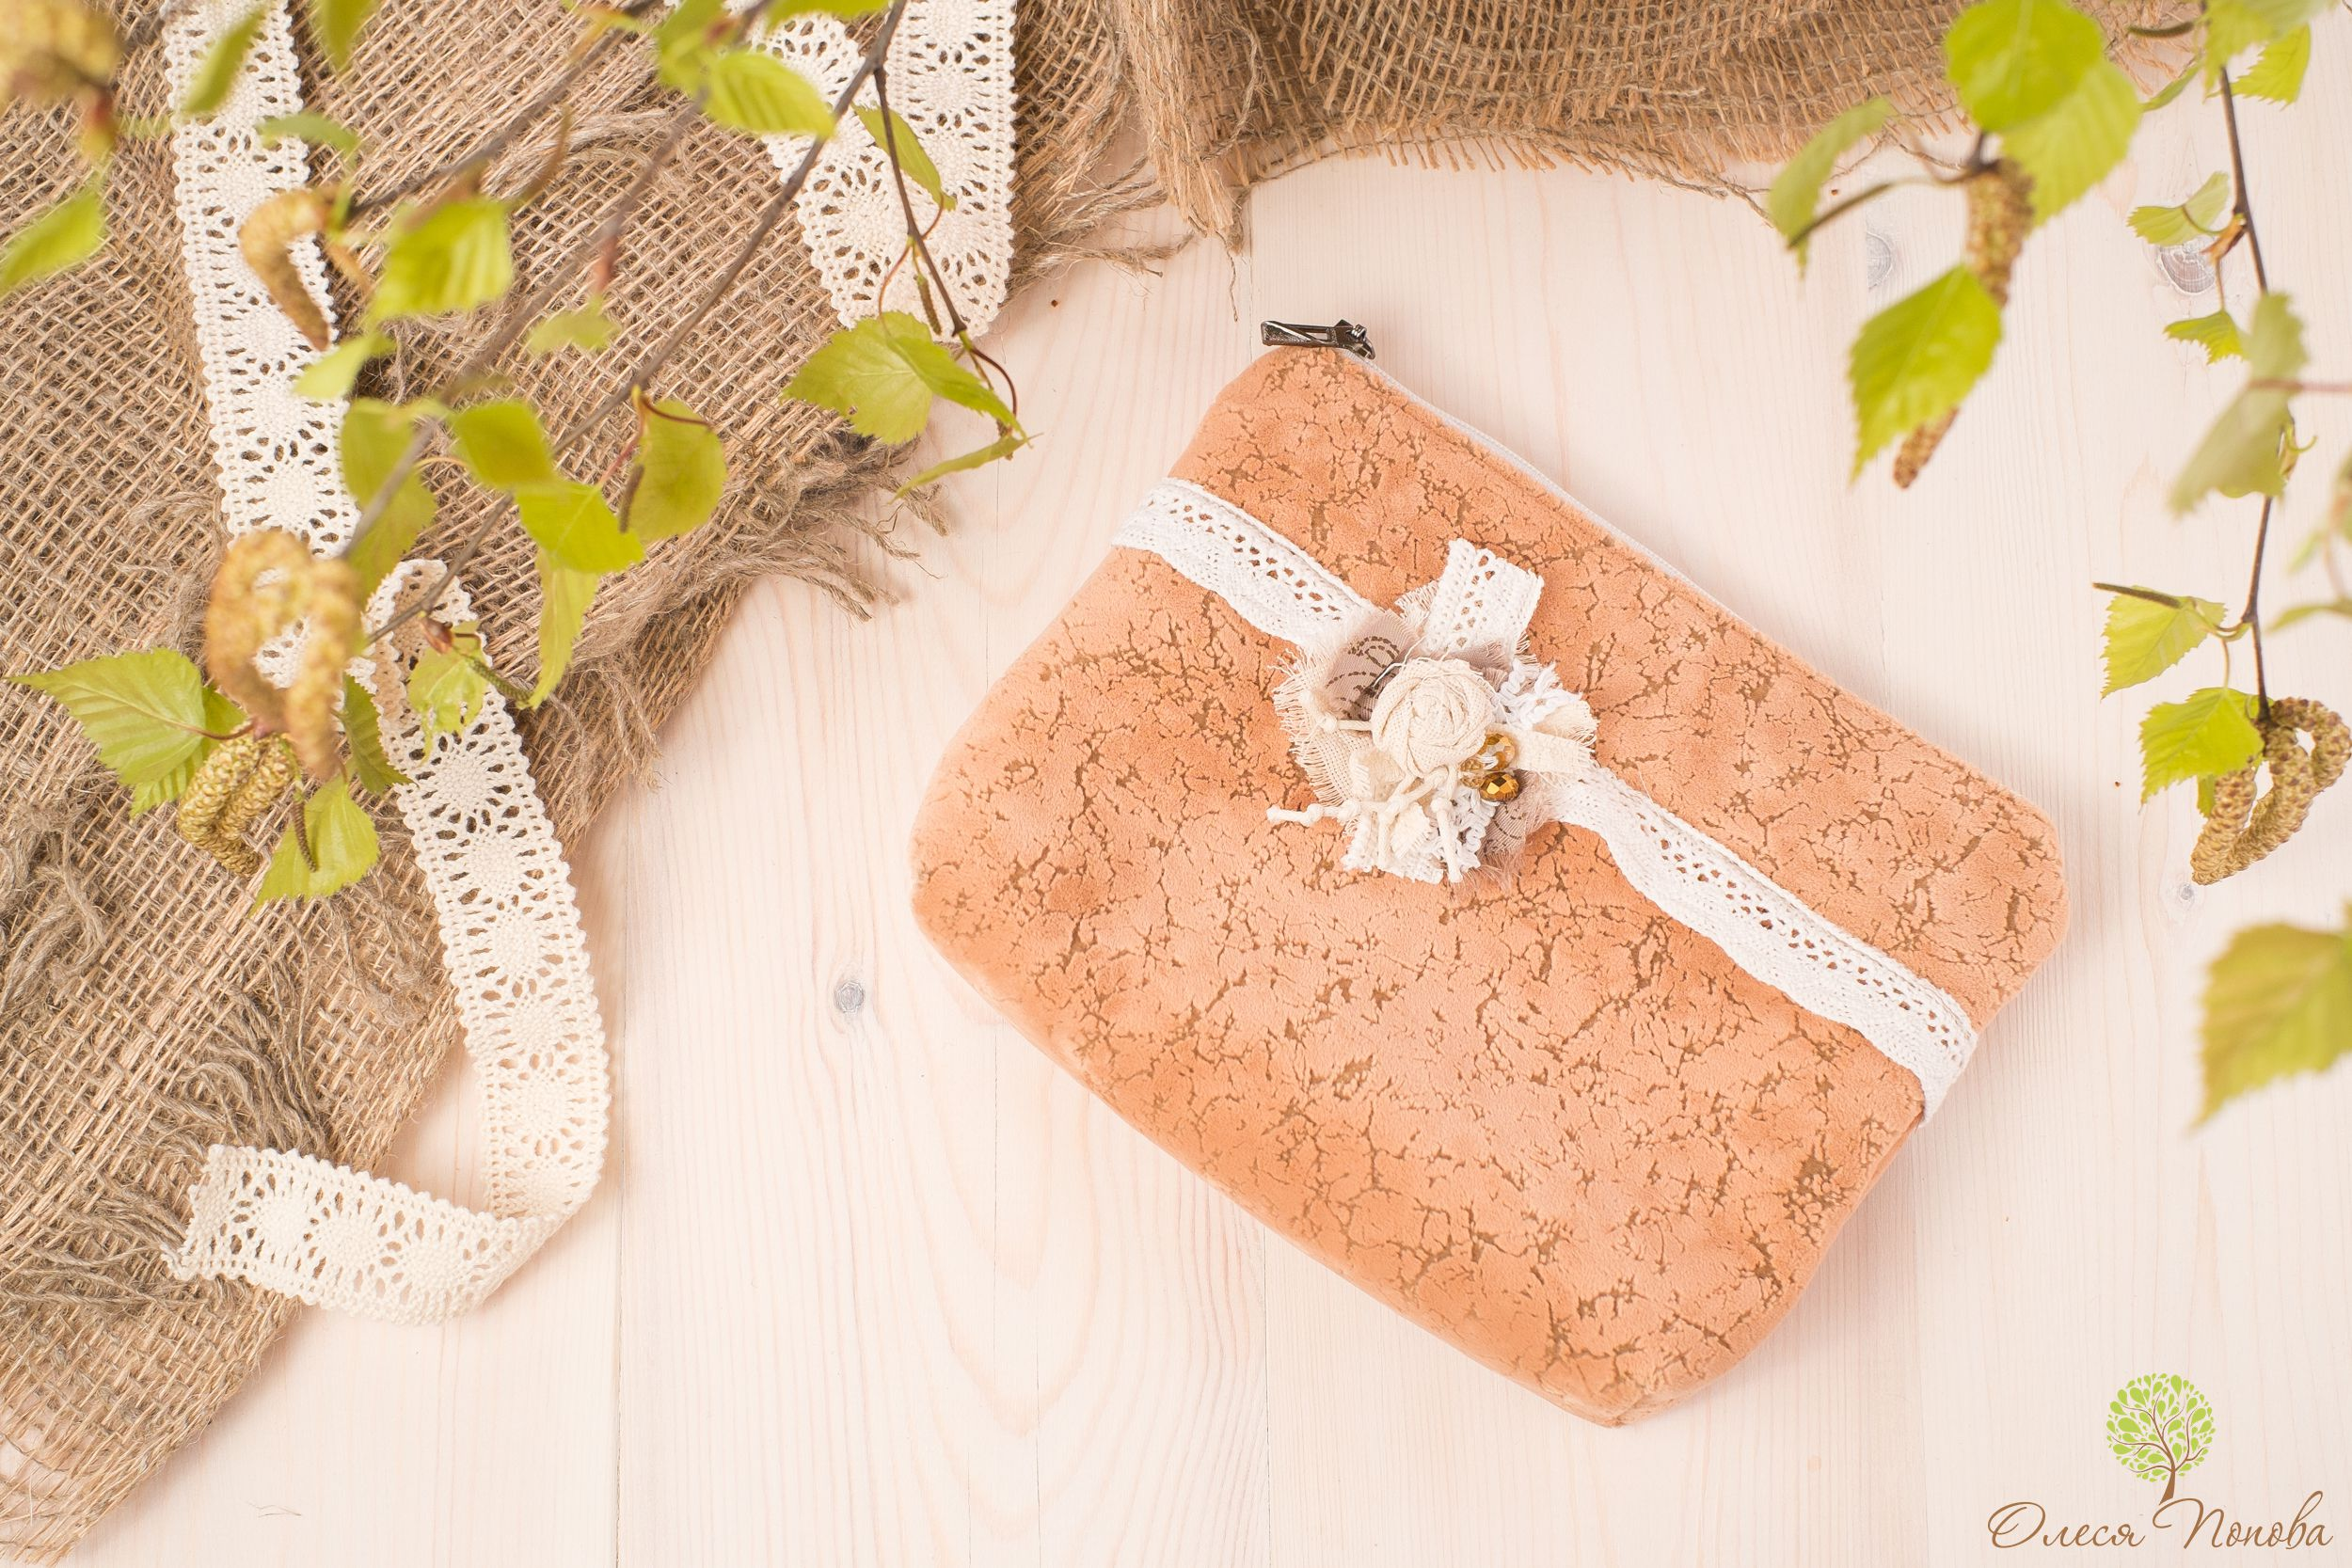 подарокдевушке косметичка вналичии красиво craftop абакан abakan hendmade сдушой впродаже ручнаяработа бохо подарок